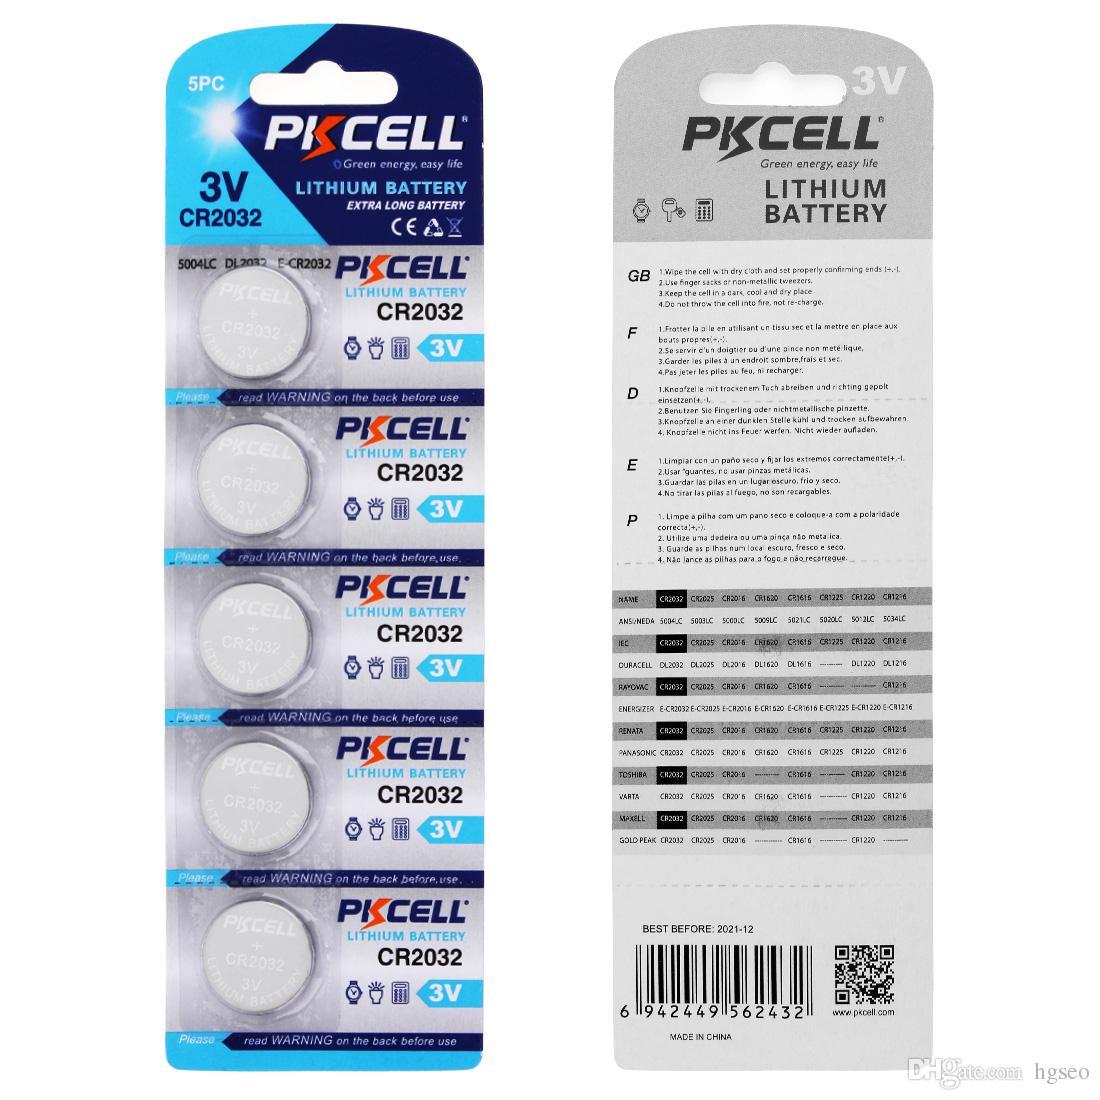 Batteria all'ingrosso del bottone del litio di PKCELL 220mAh 3V CR2032 di telecomandi / macchine fotografiche / strumenti elettronici ACC_11M